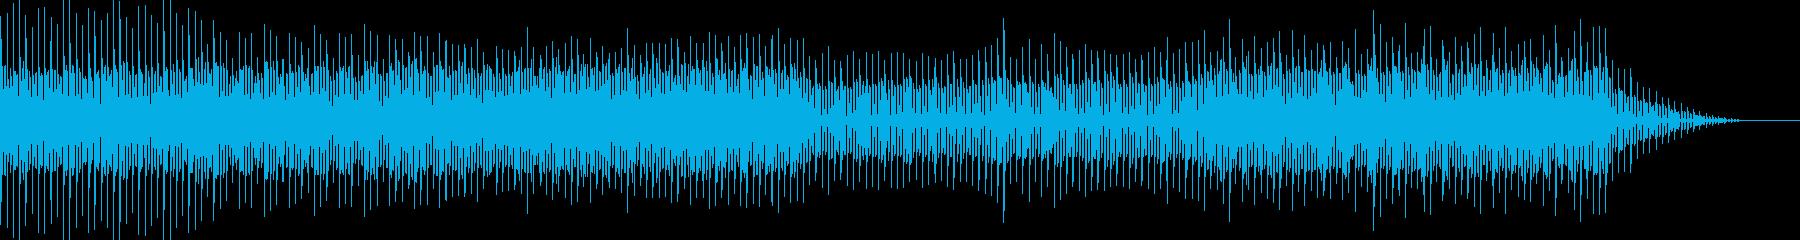 中二病の闇落ちした悪役のテーマっぽい音楽の再生済みの波形